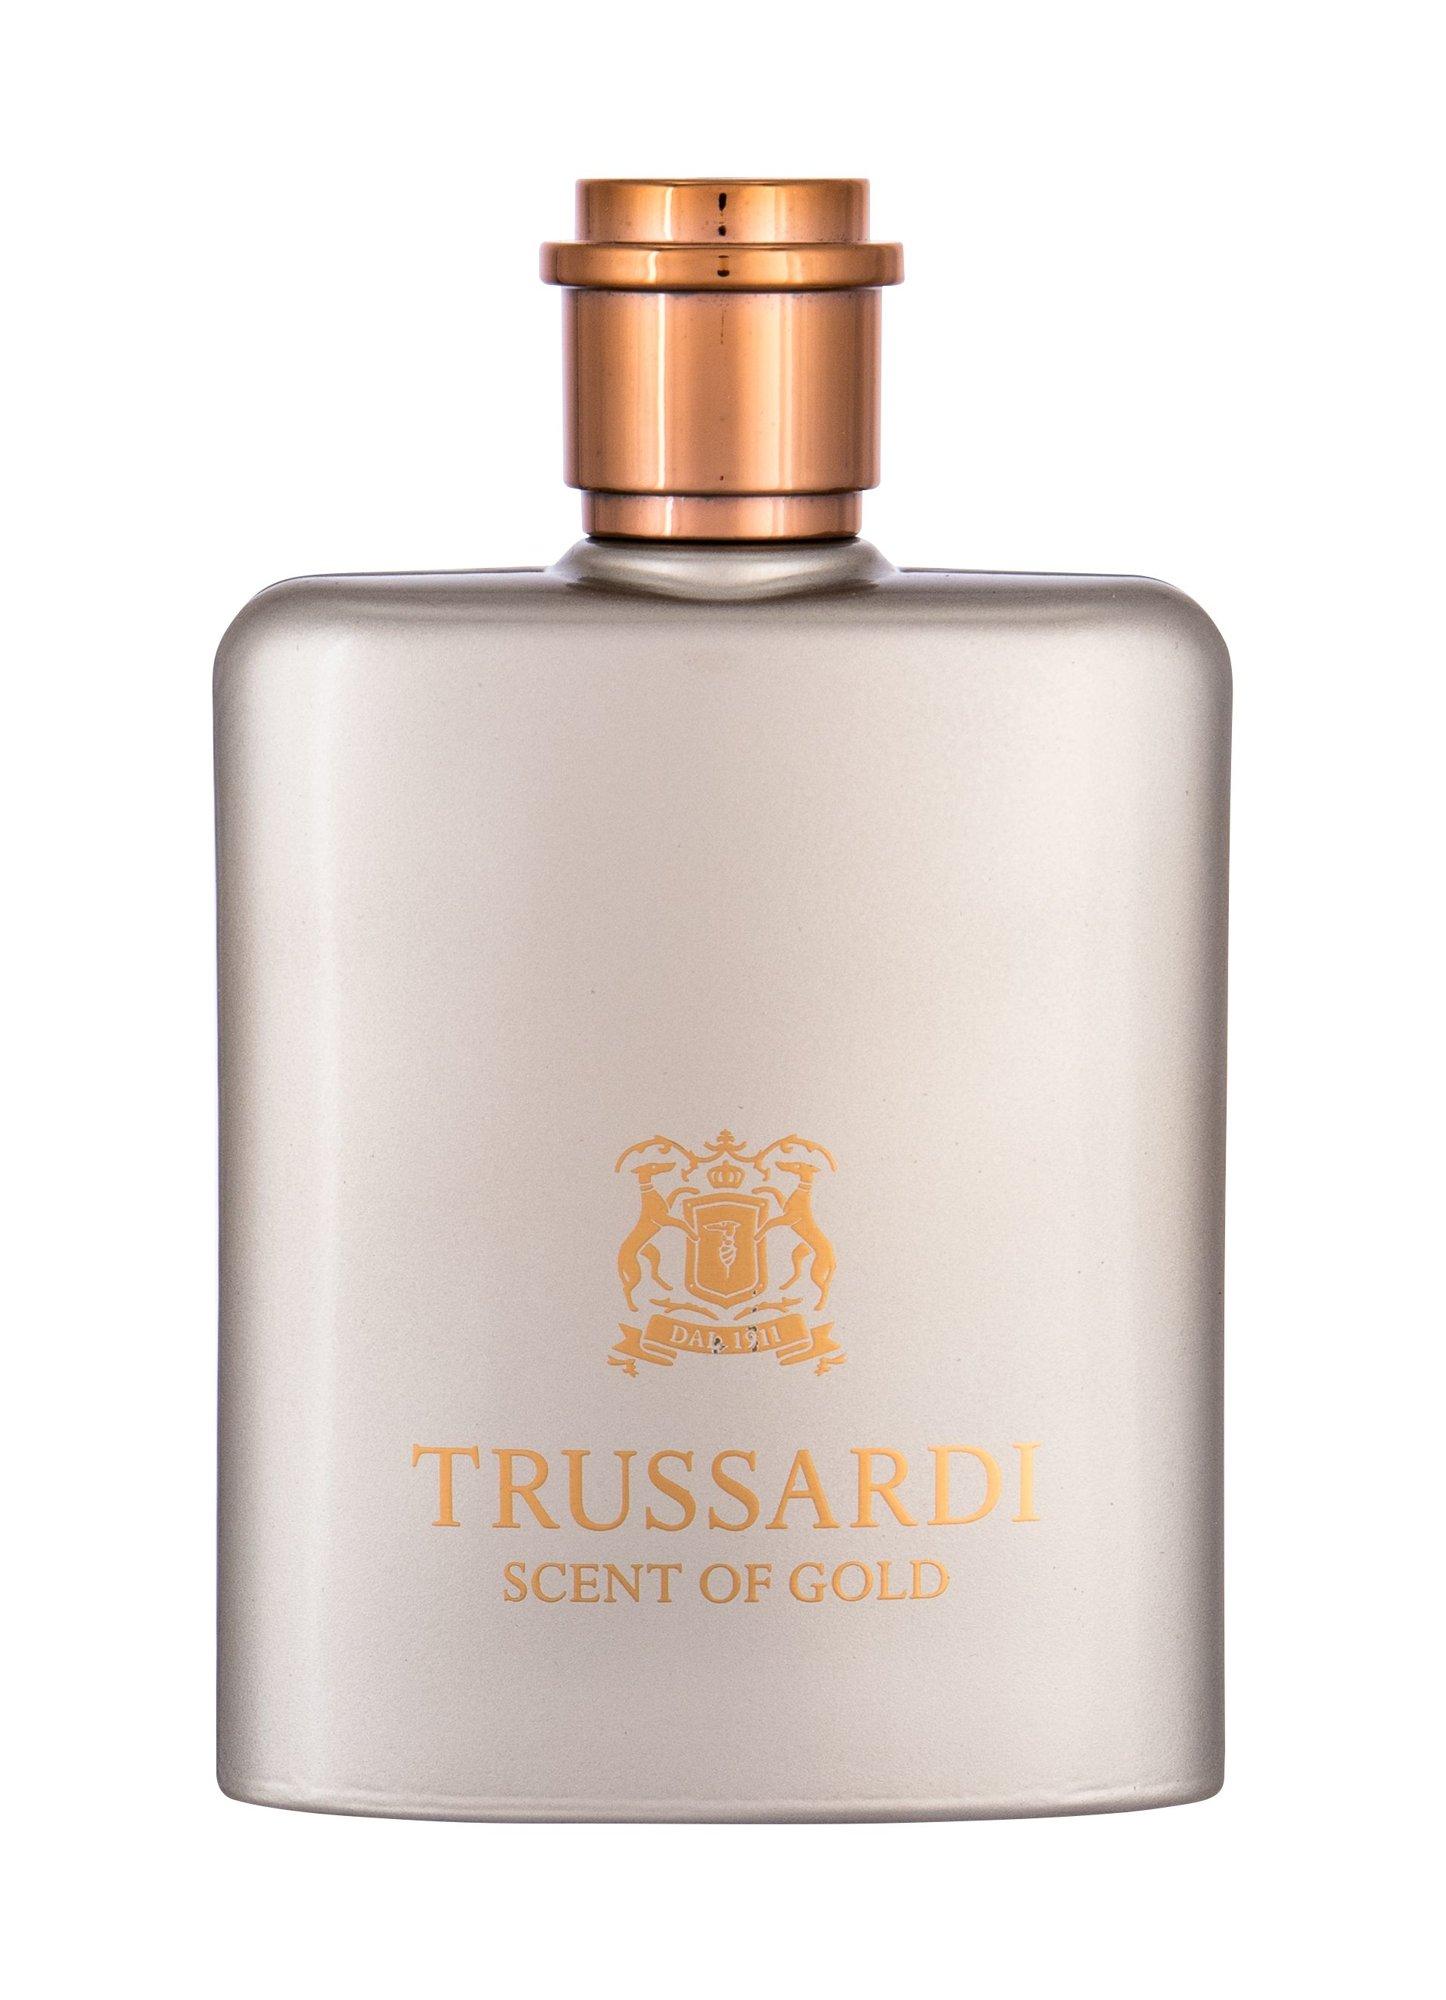 Trussardi Scent Of Gold Eau de Parfum 100ml